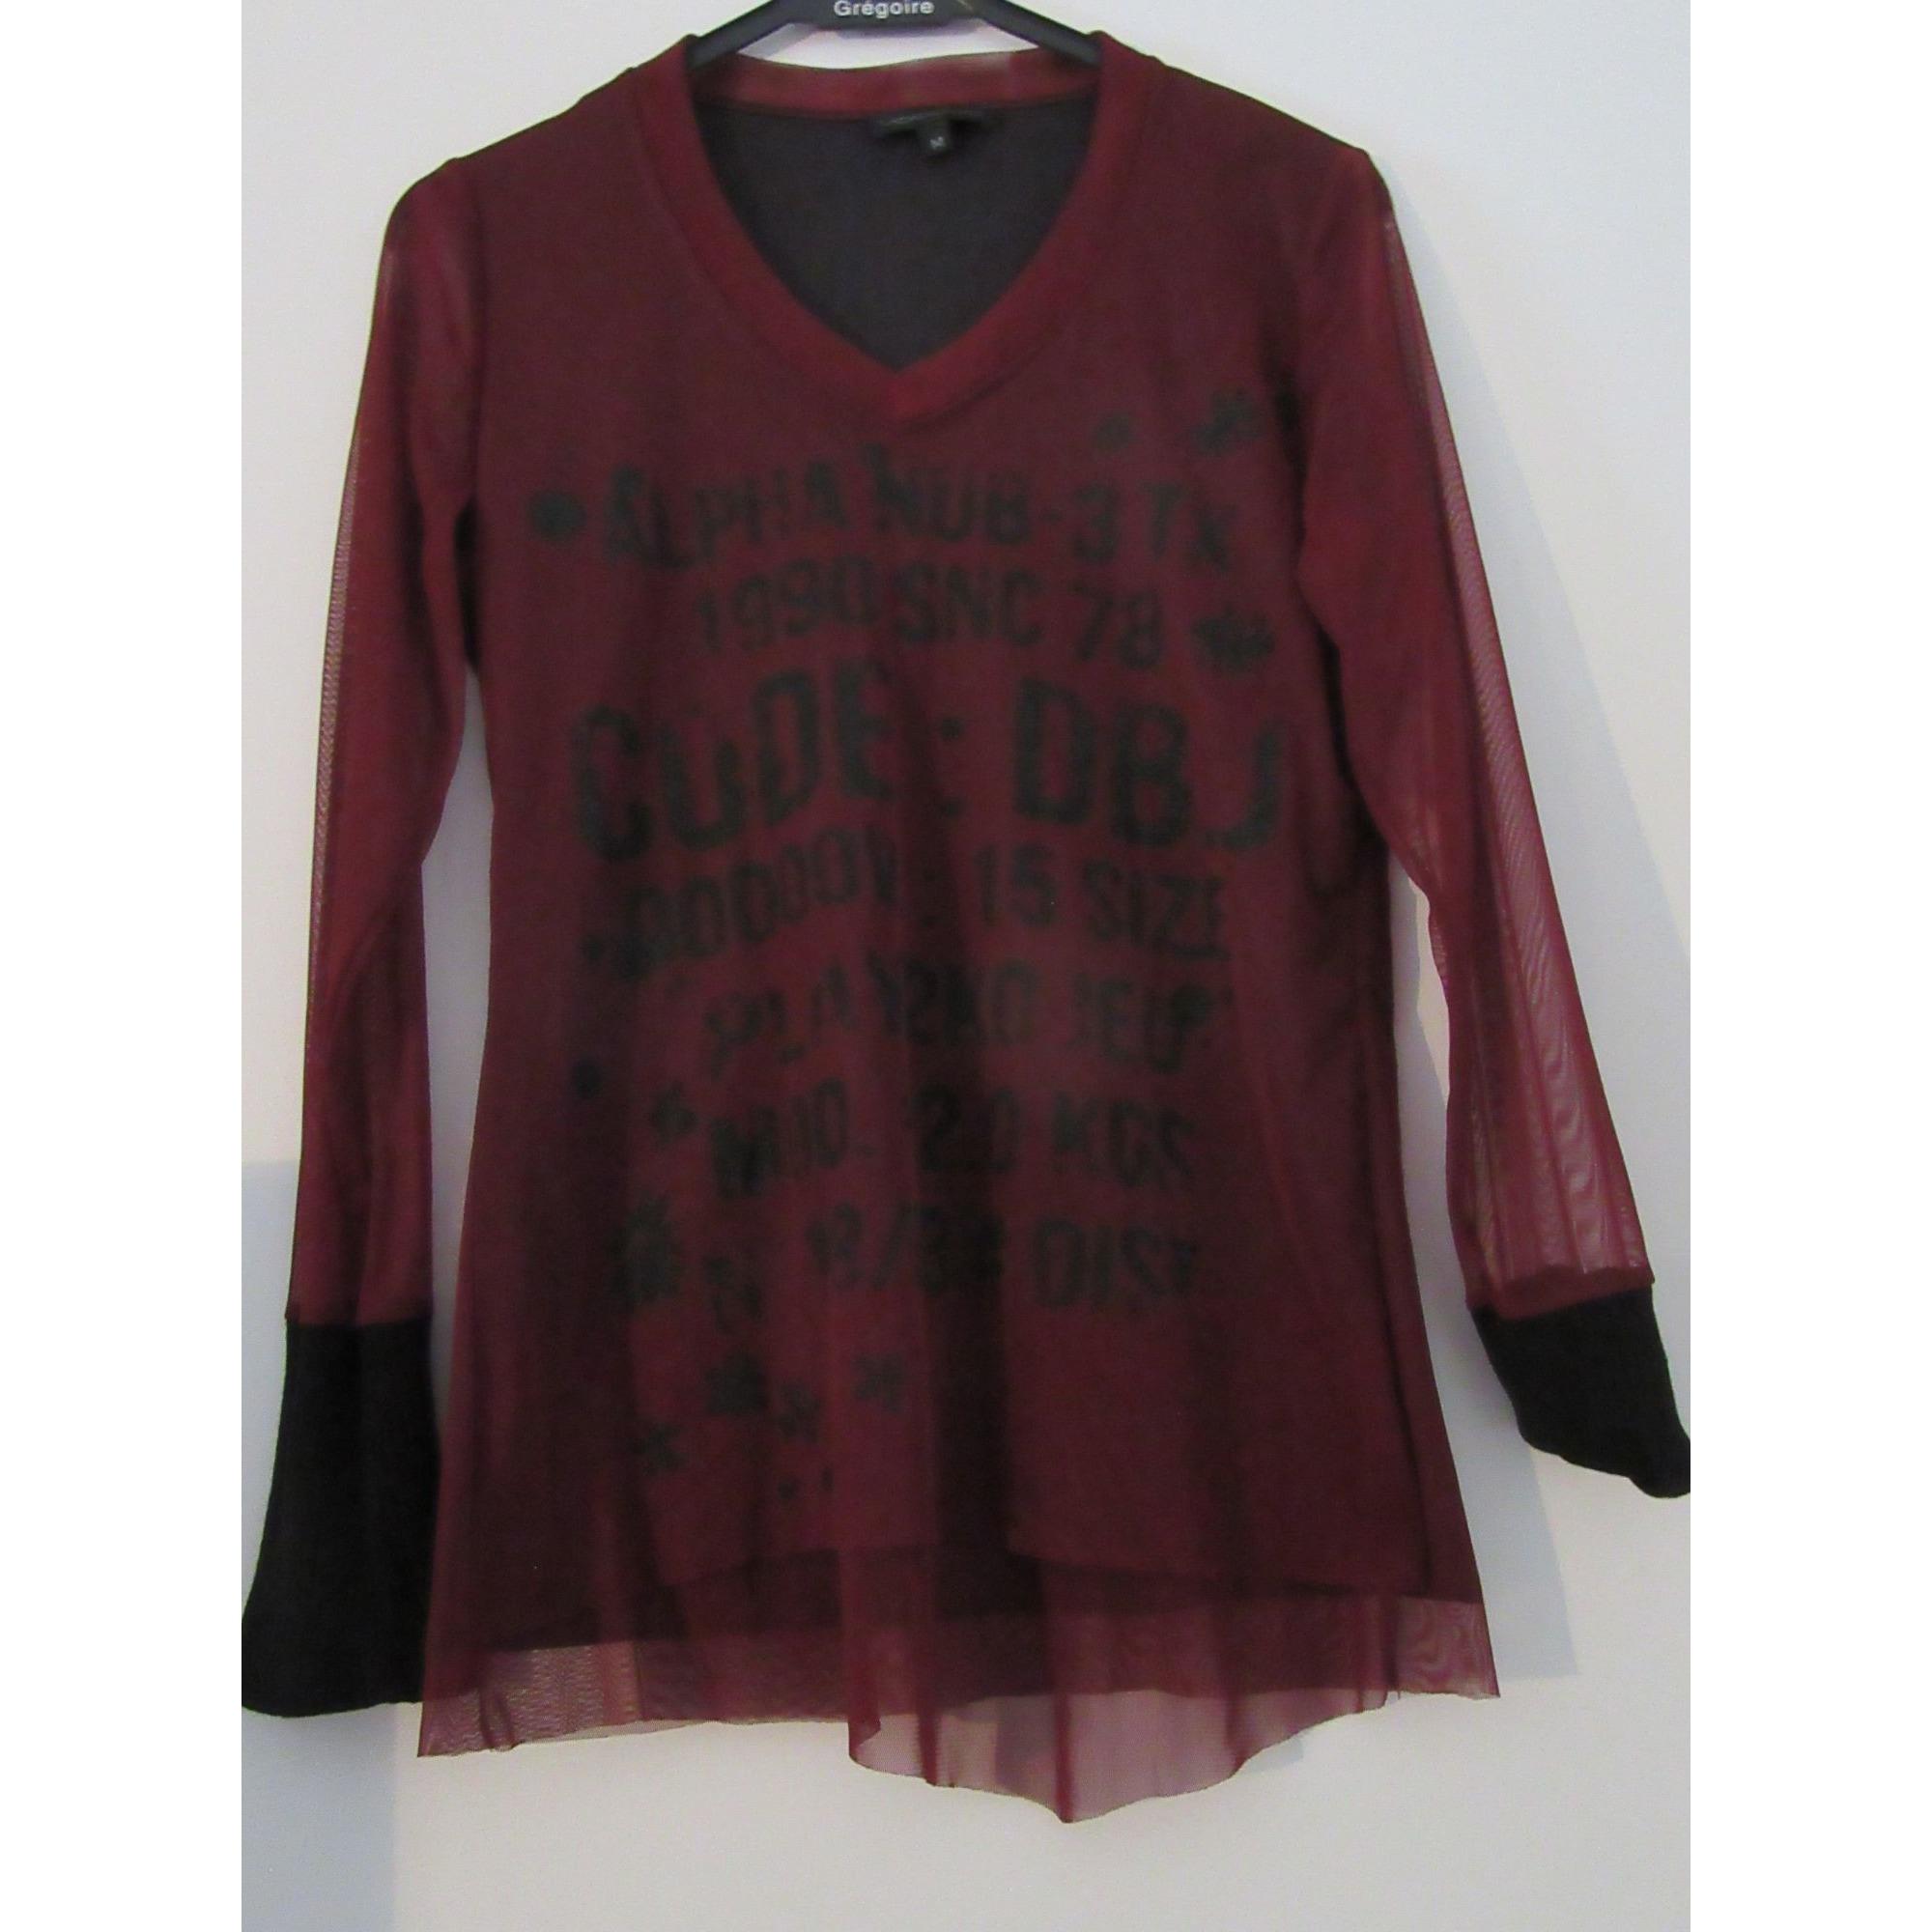 Top, tee-shirt VOODOO Rouge, bordeaux